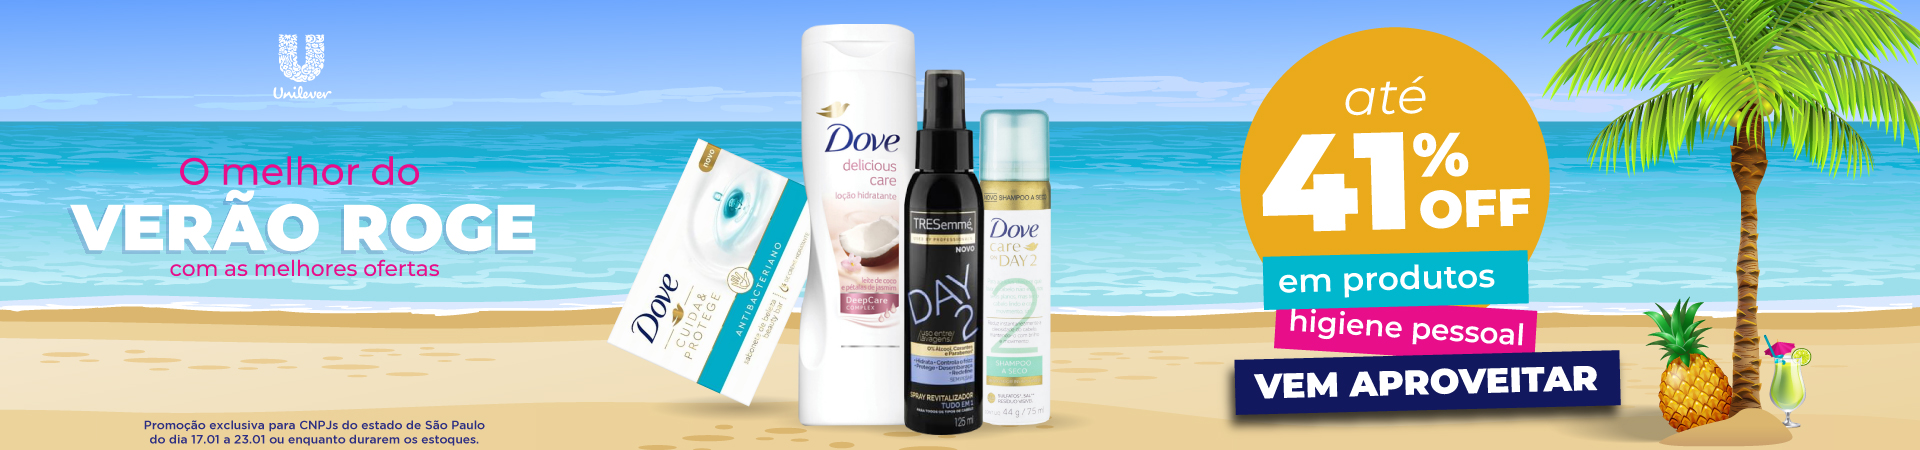 Unilever - Até 41% OFF em higiene pessoal